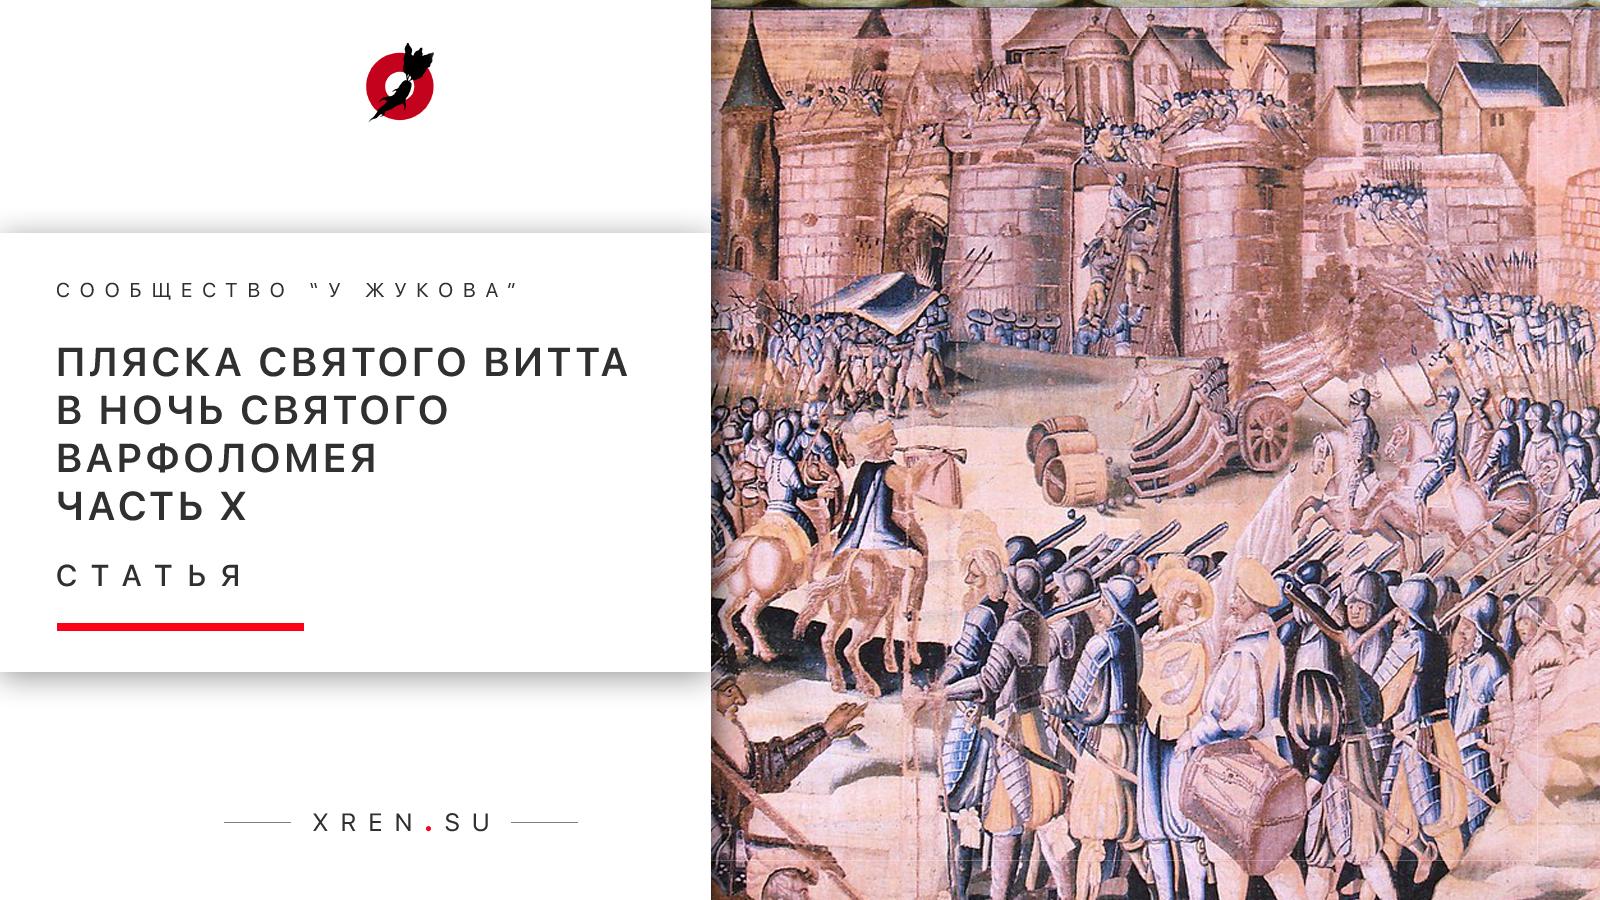 Пляска Святого Витта в ночь святого Варфоломея. Часть 10